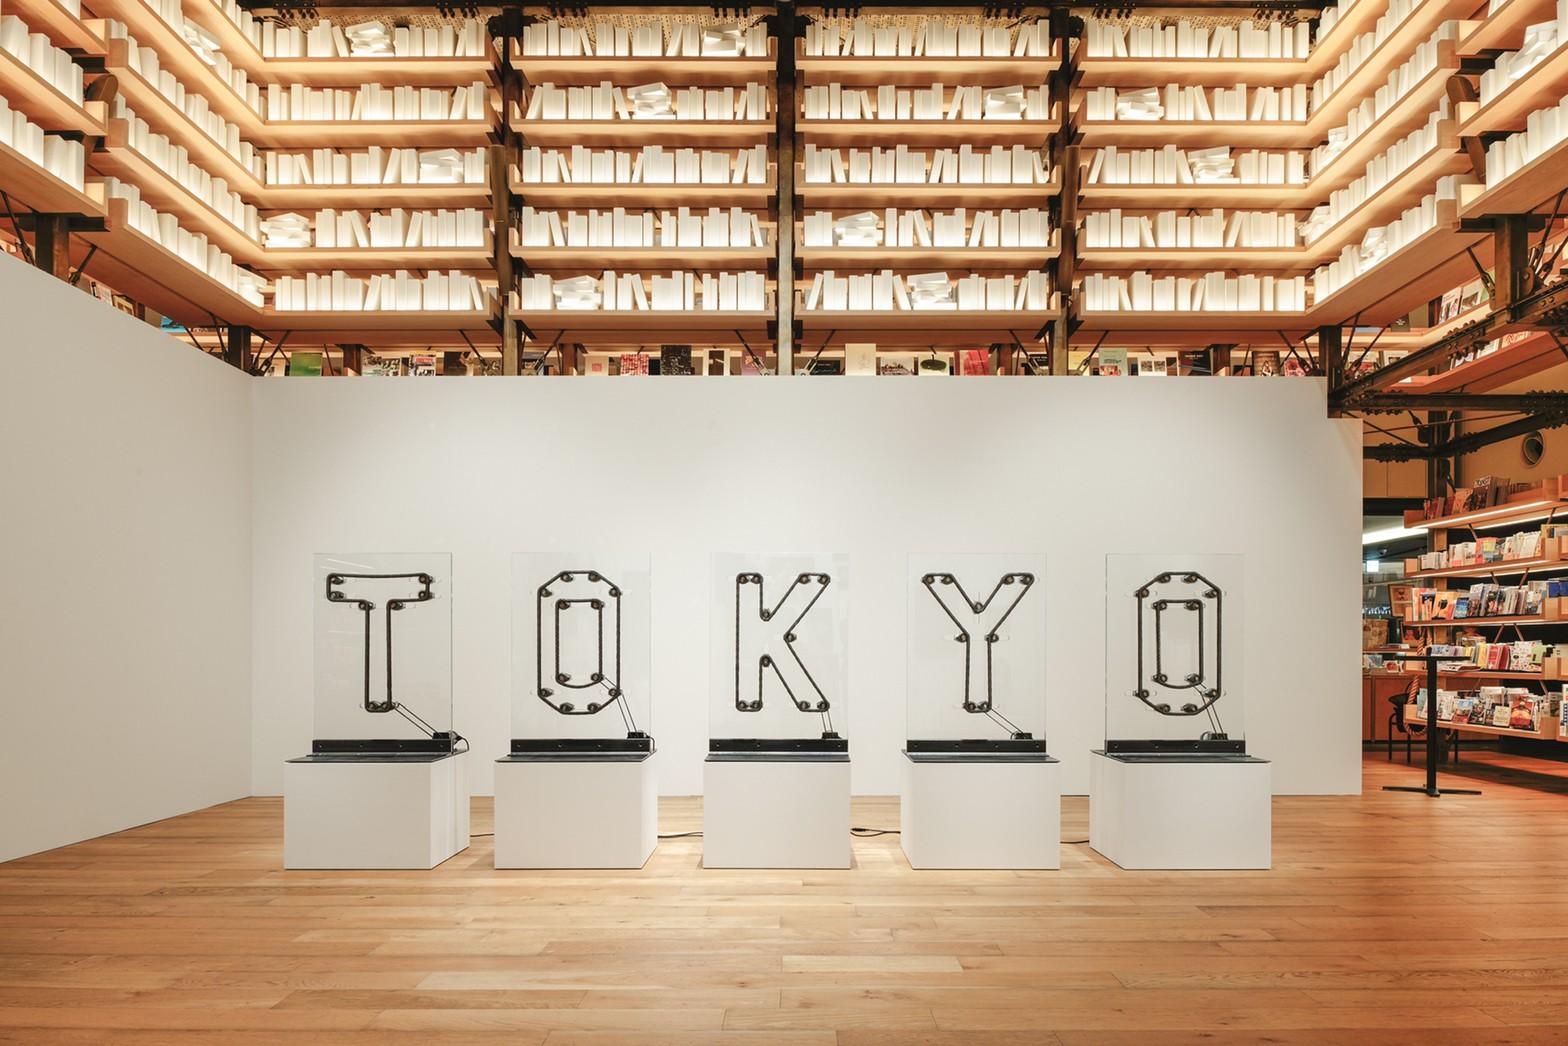 タムラサトル展 TOKYO マシーン